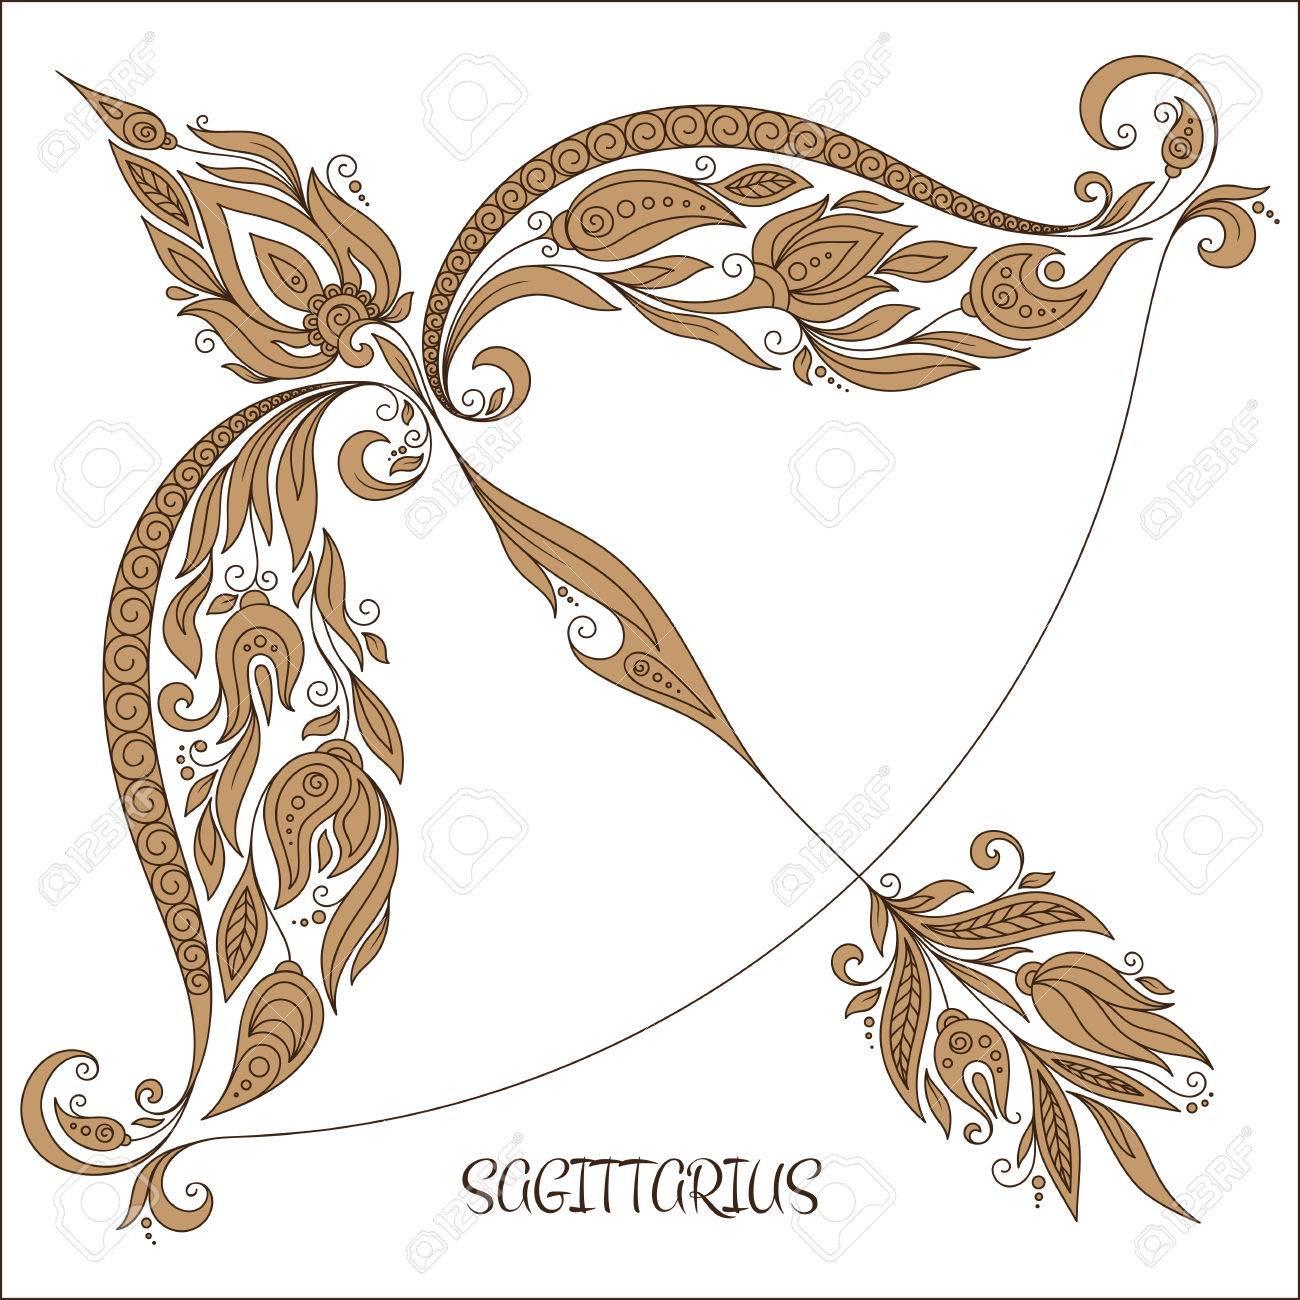 Sternzeichen Schütze Hand Gezeichnet Doodle Skorpion Mit